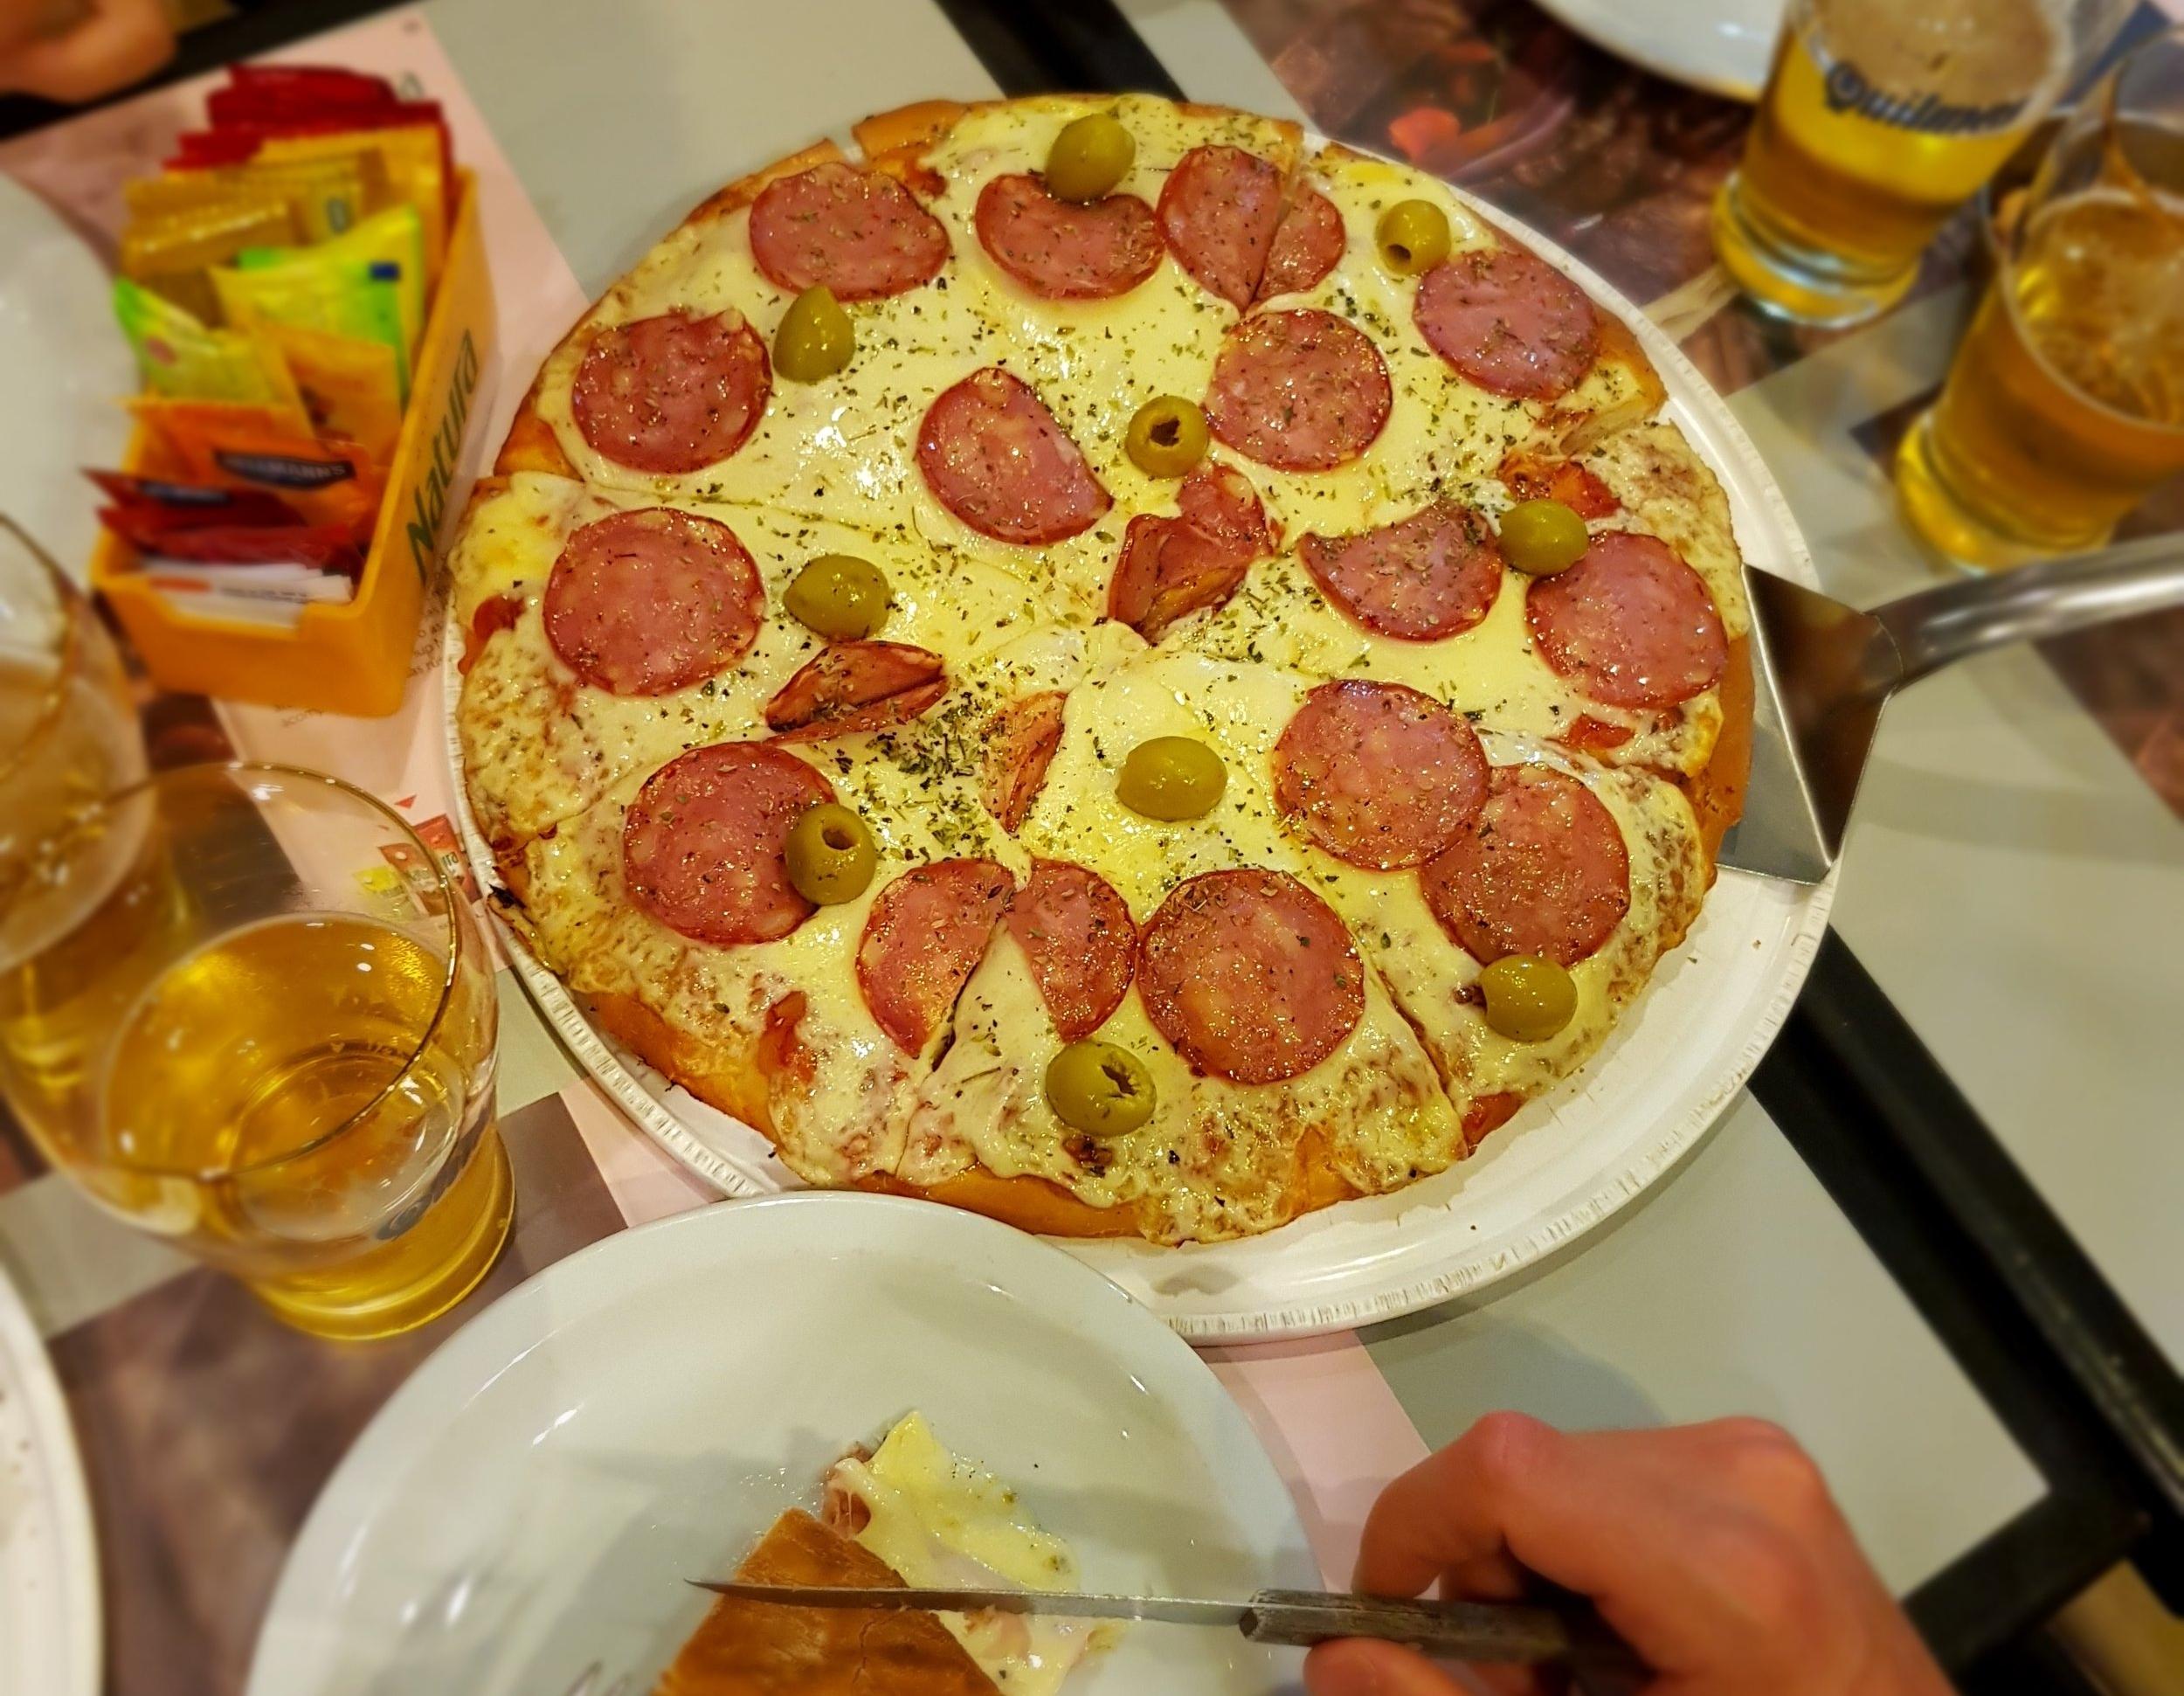 A salami pizza from the popular pizza place La Martianita in Mar del Plata.